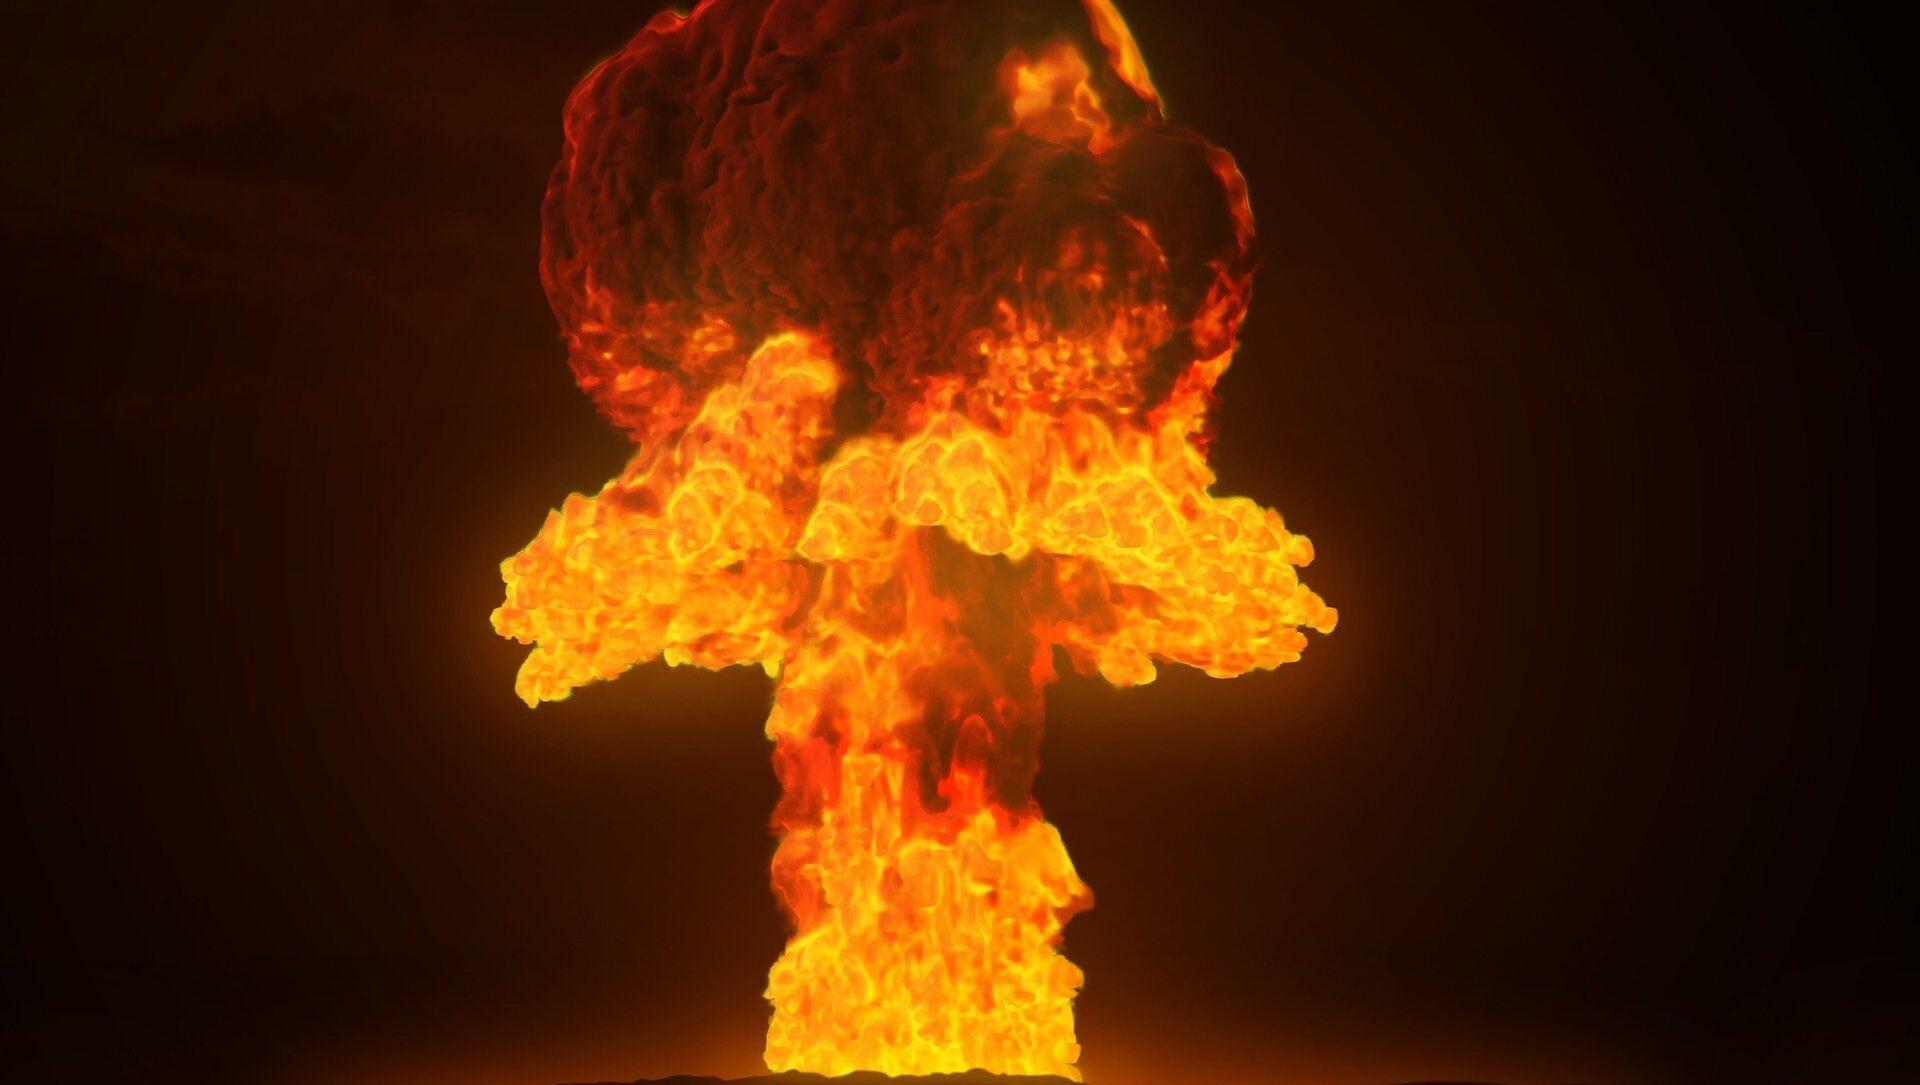 Explosión nuclear (imagen referencial) - Sputnik Mundo, 1920, 22.01.2021